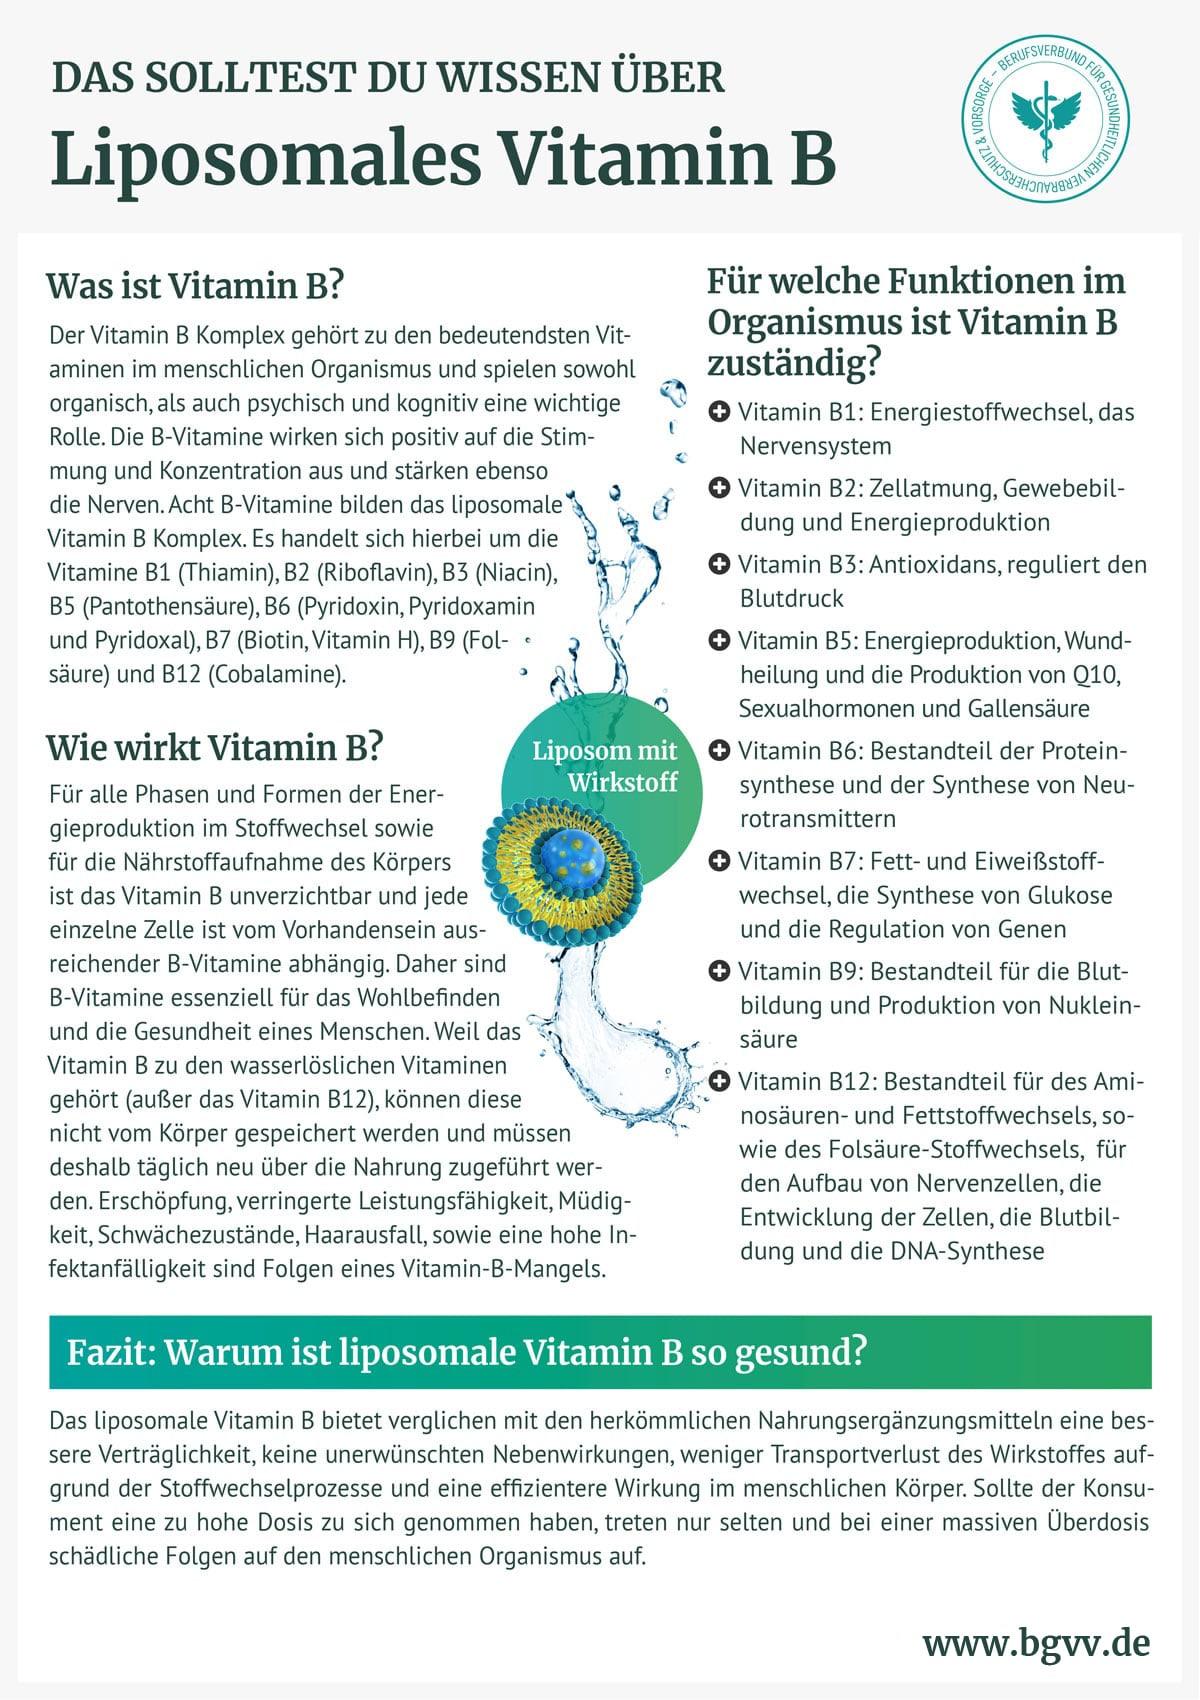 BGVV infografik Liposomales Vitamin B